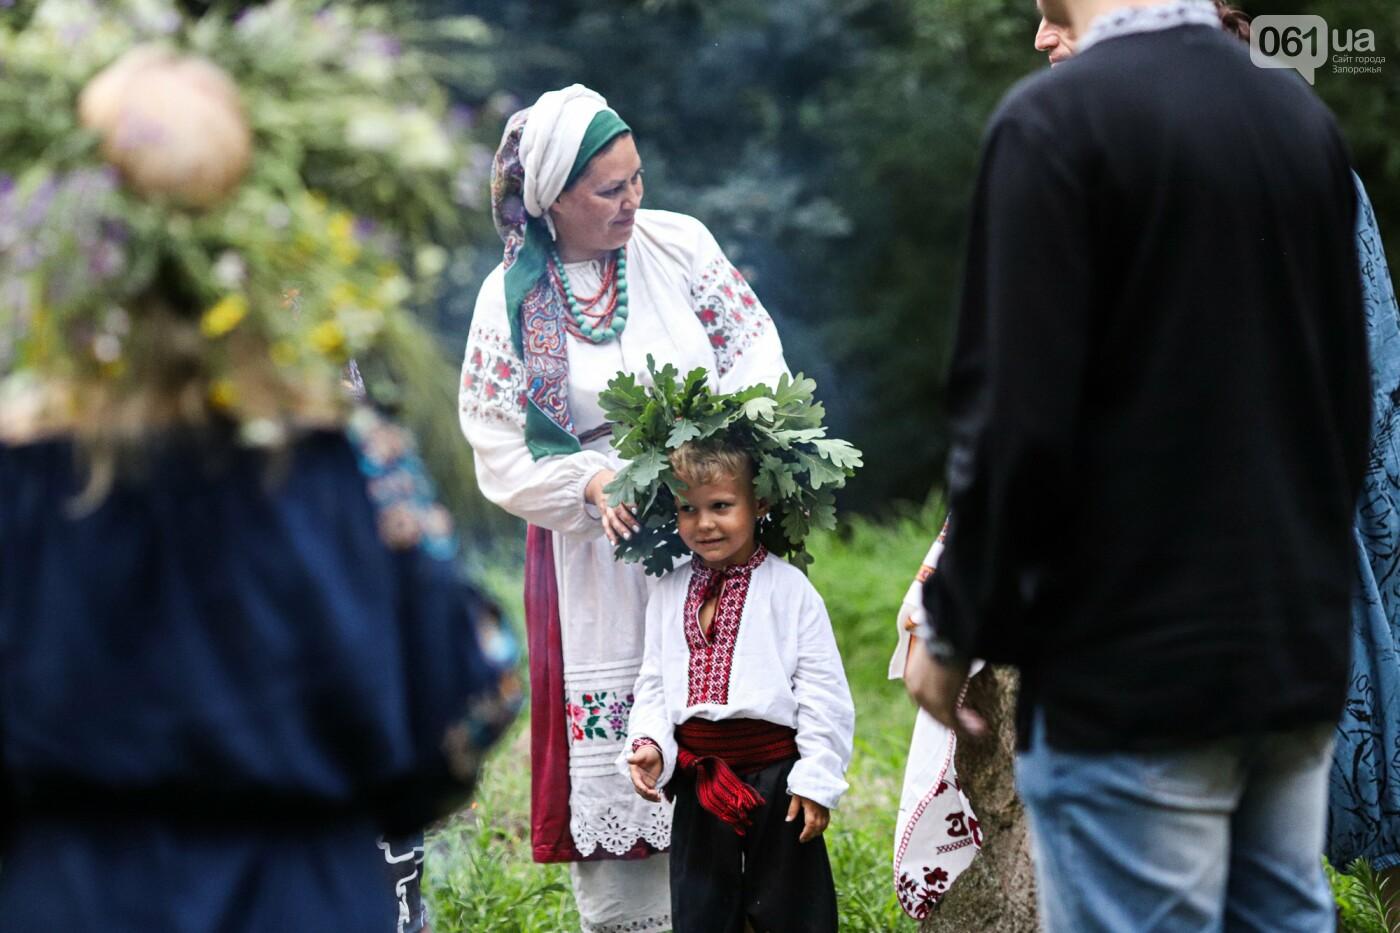 Огонь и дубовые венки: как на Хортице отметили праздник Перуна, - ФОТОРЕПОРТАЖ, фото-35